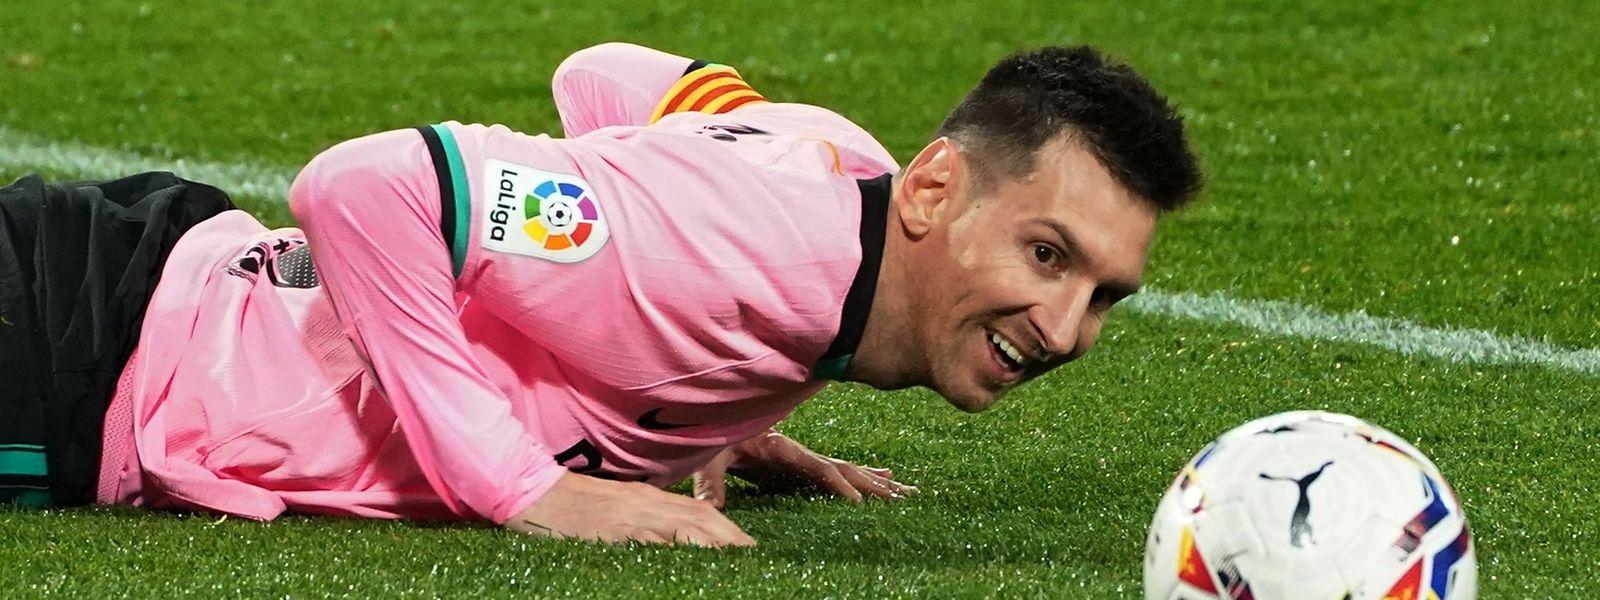 A 33 ans, l'Argentin dépasse le dieu brésilien du ballon rond. Un Pelé qui n'a pas manqué de saluer l'exploit de Messi.